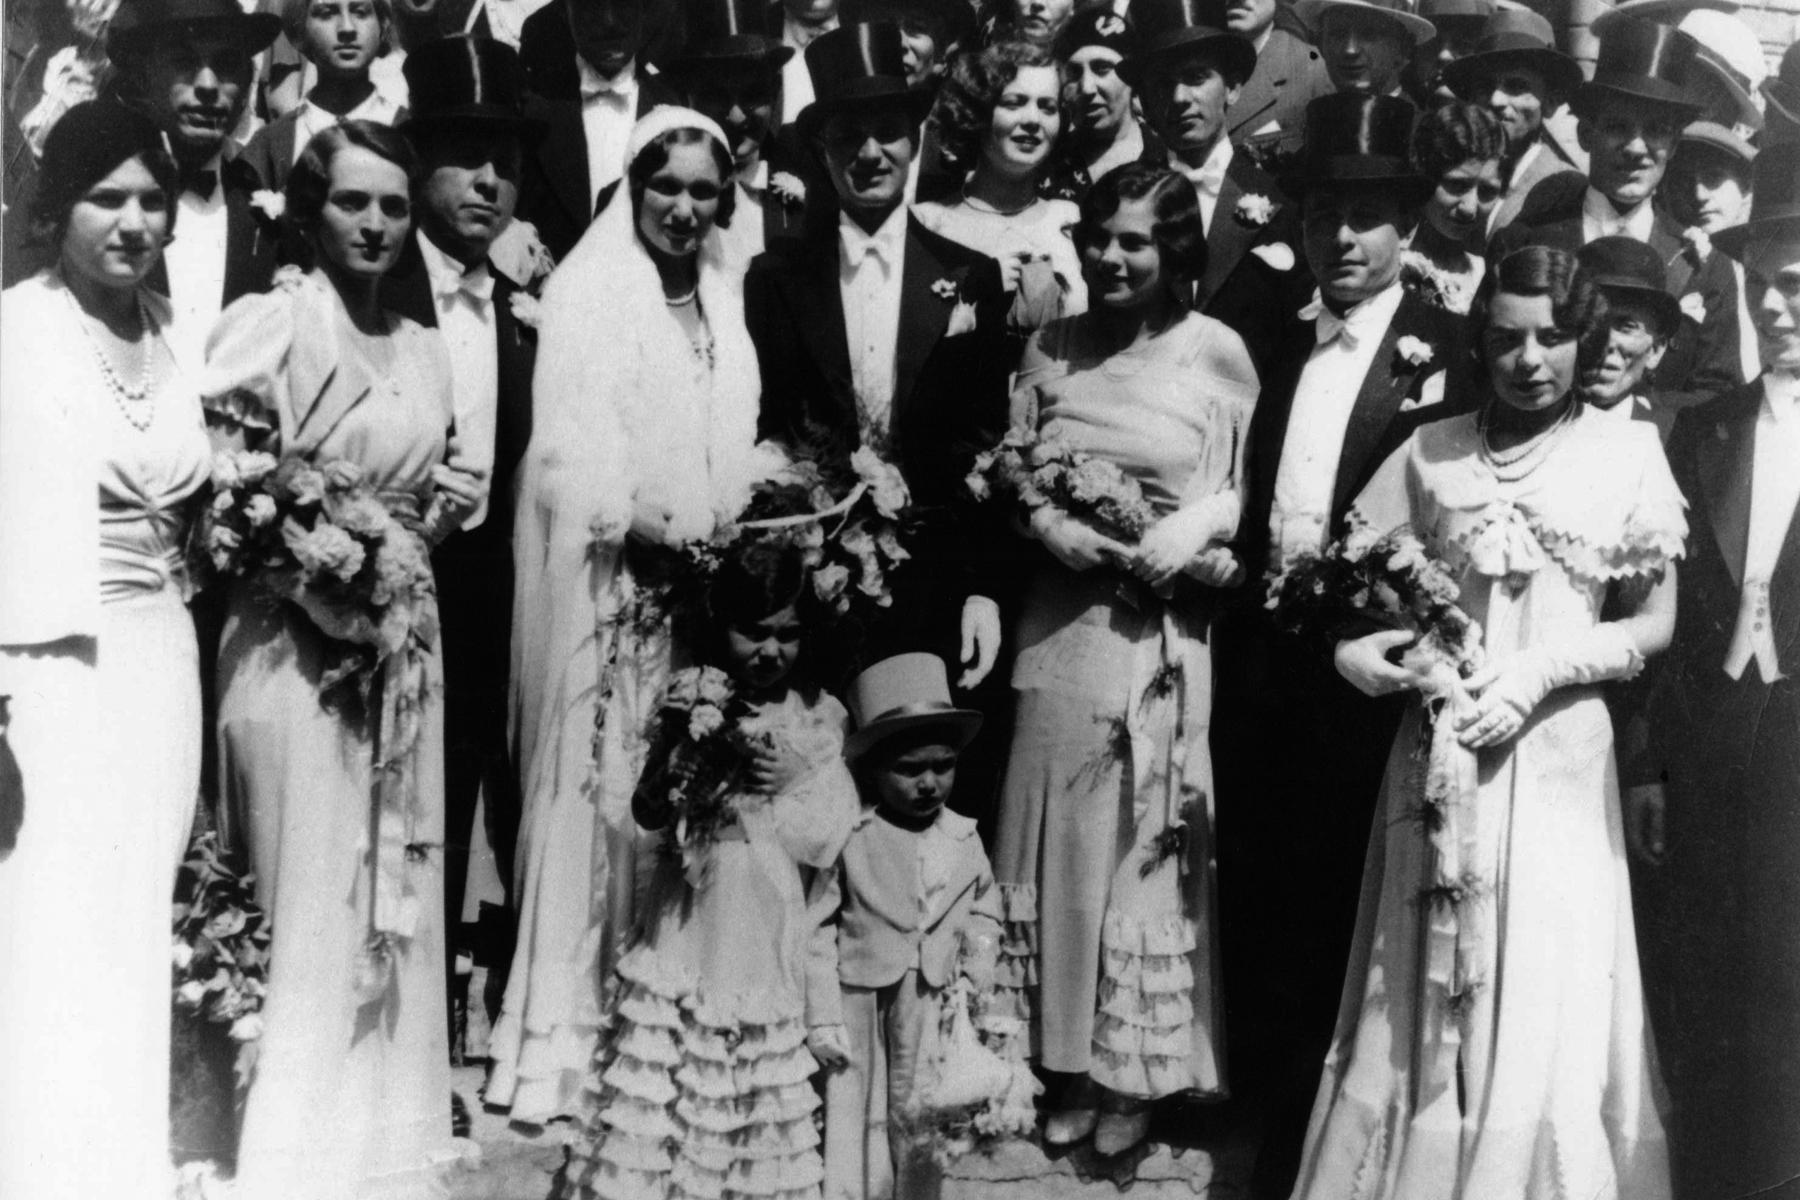 Mariage de Stephan Molnar et Edith Gero, Budapest, Hongrie, 1932.